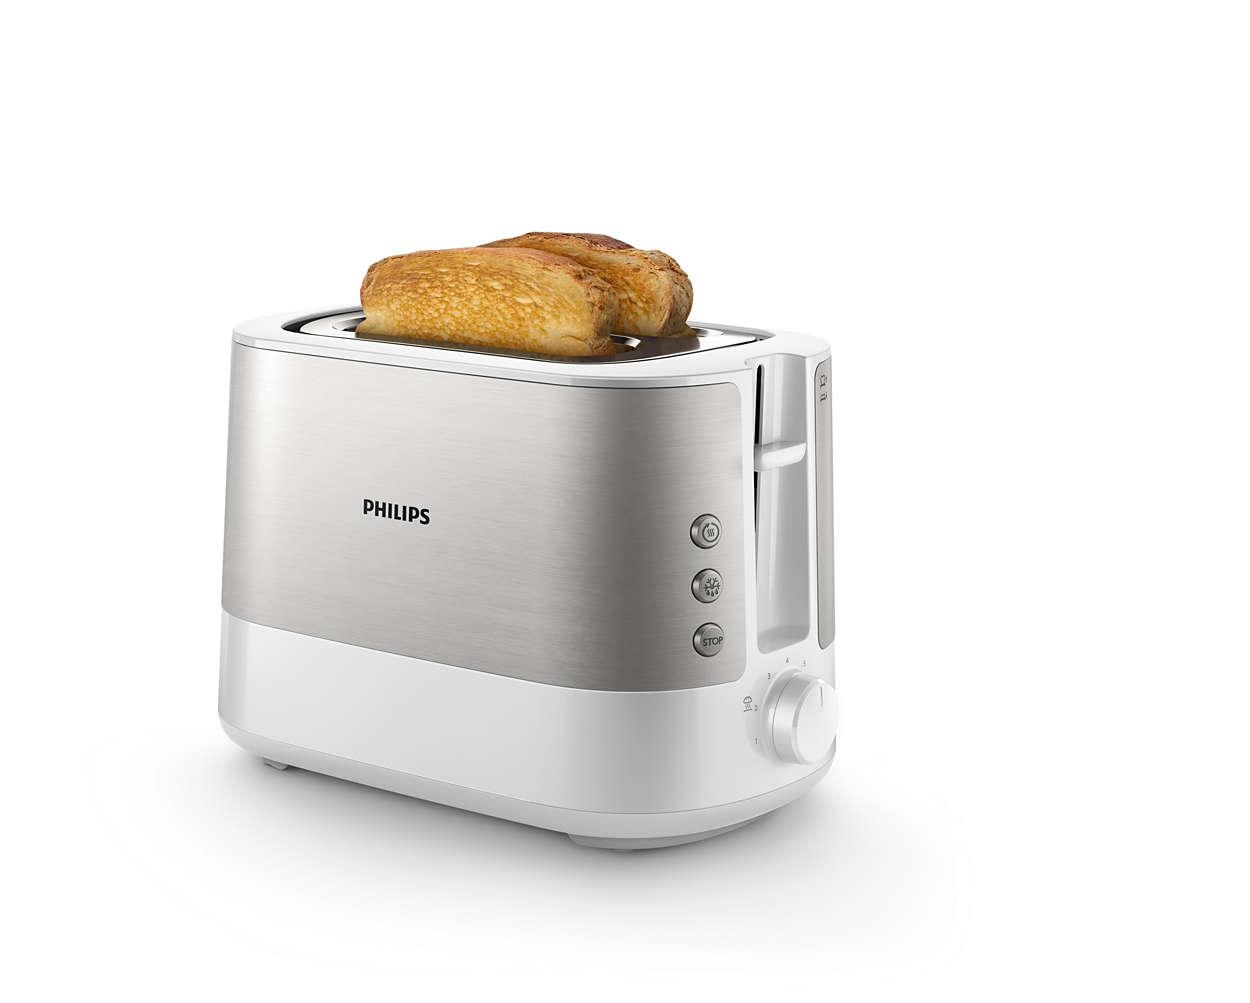 Leckerer knuspriger Toast, egal ob von Hand oder vorgeschnitten